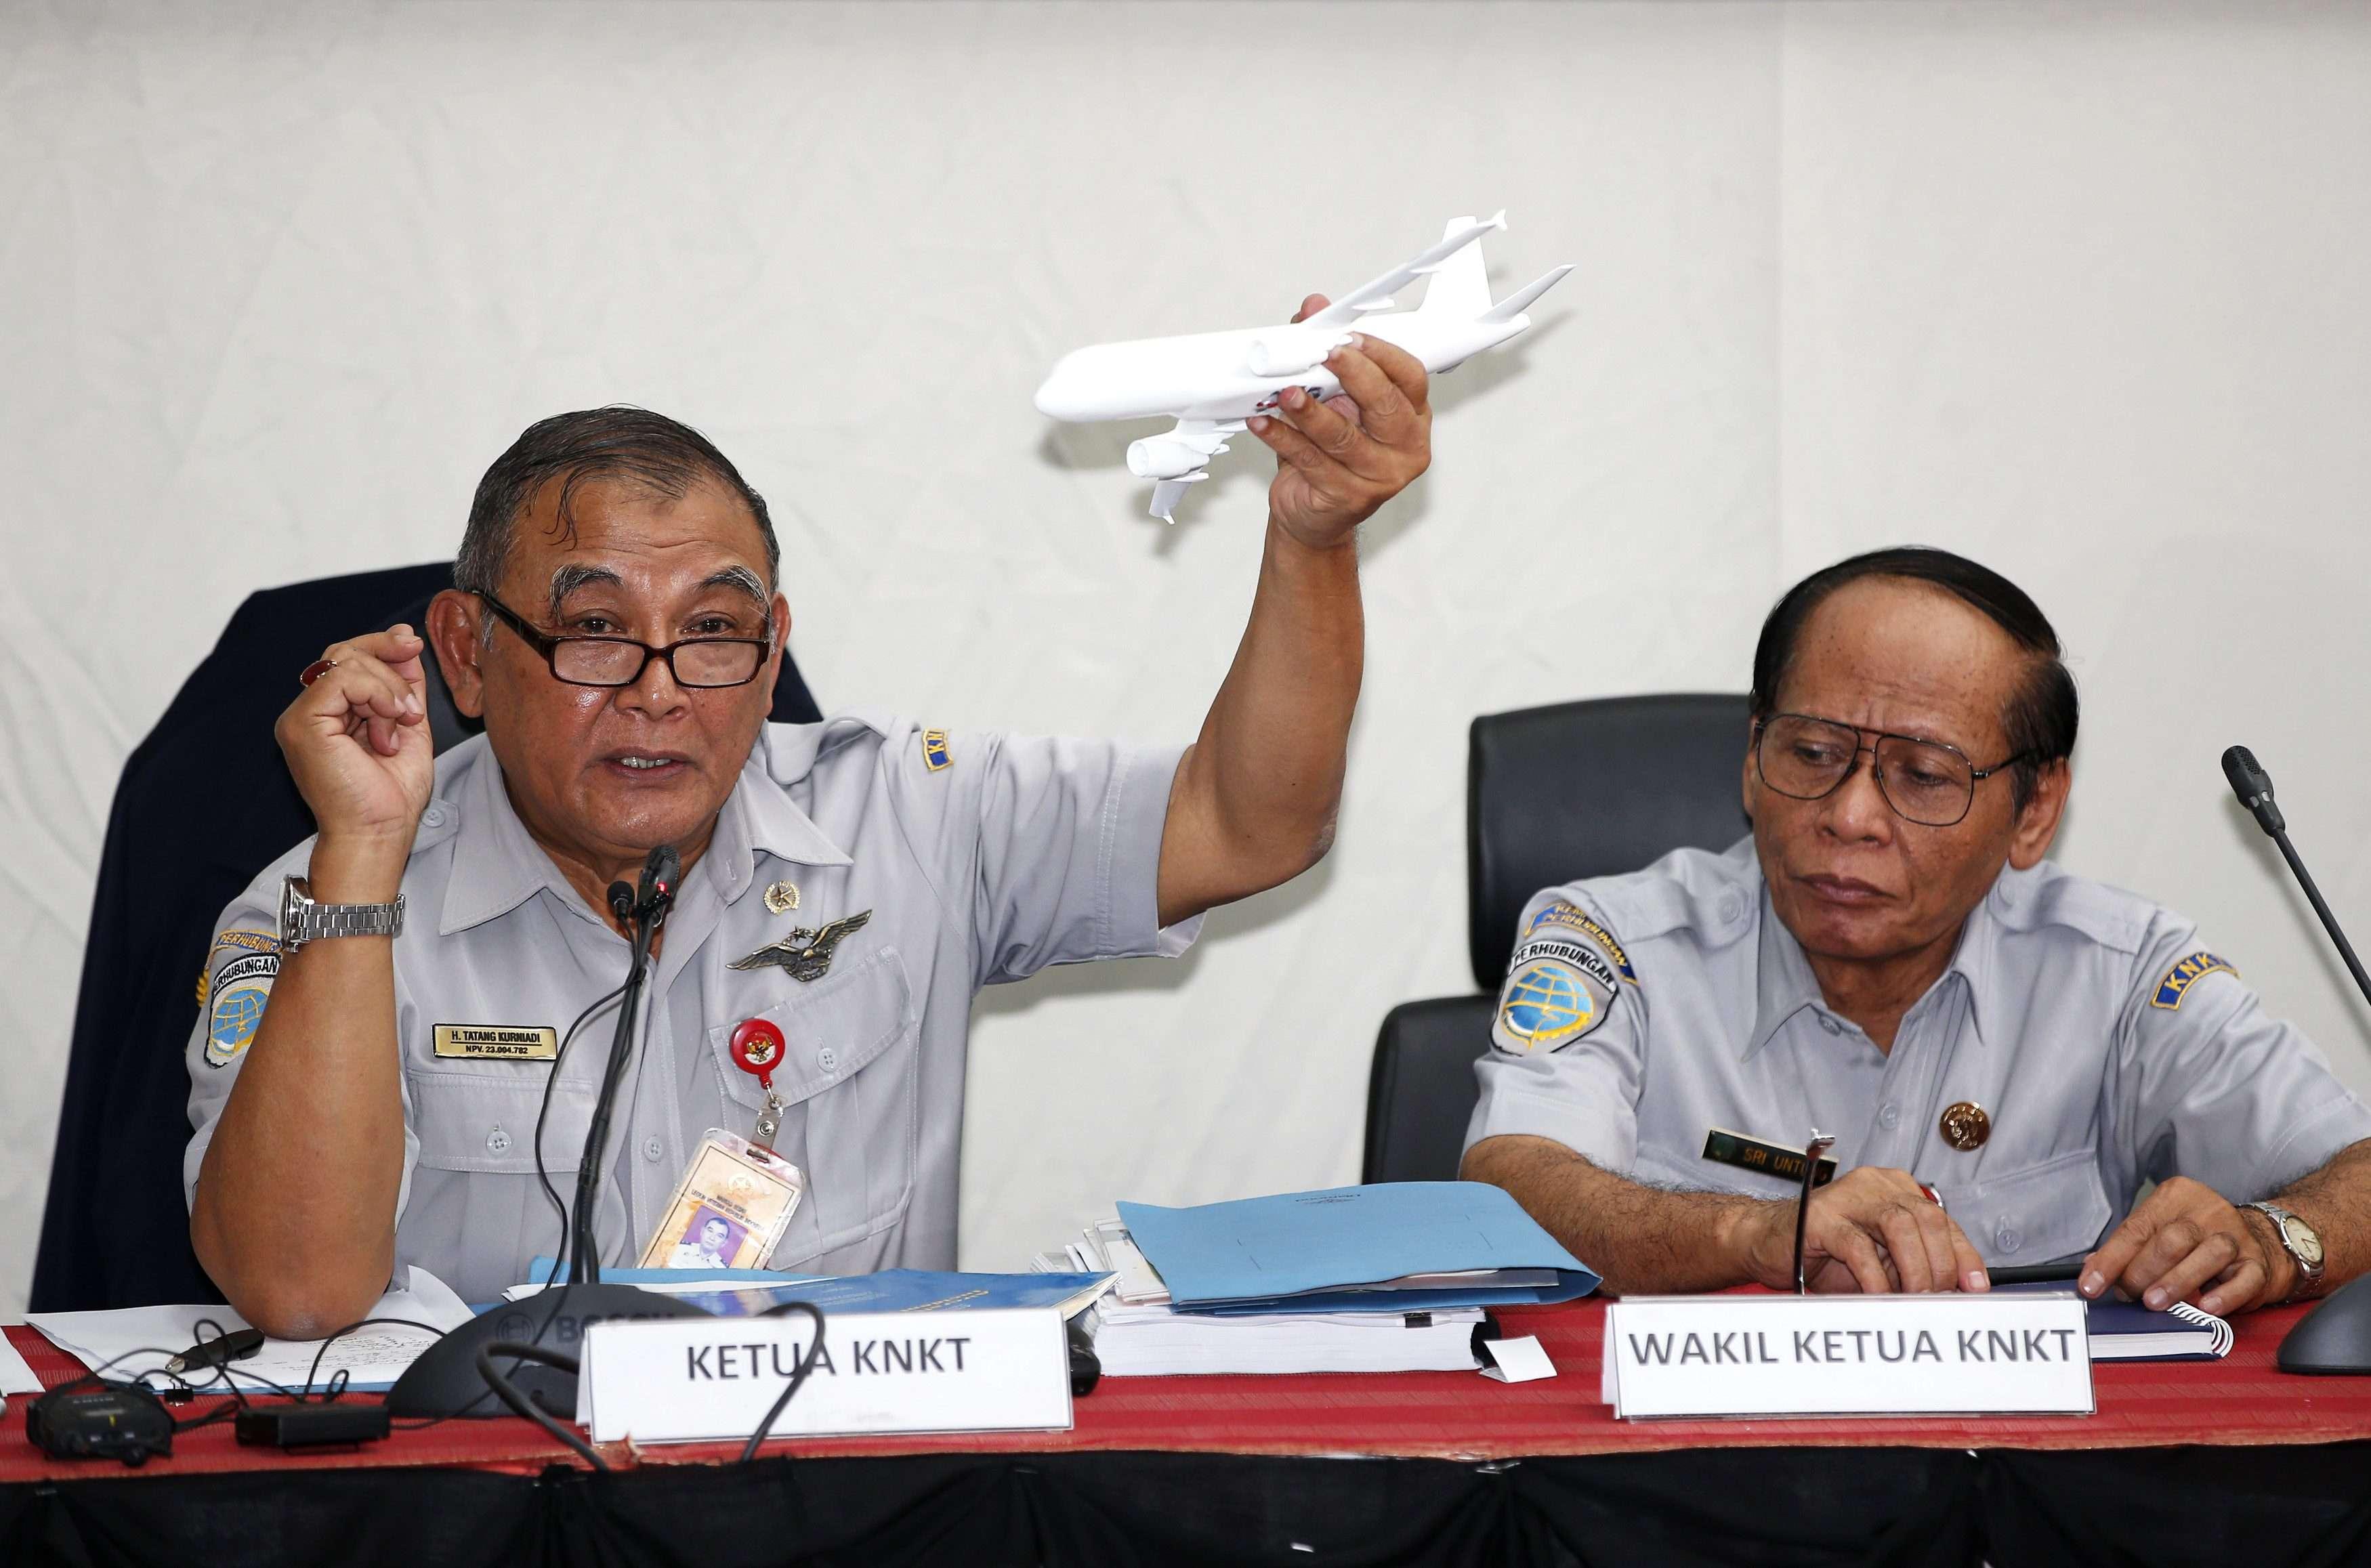 El responsable del Comité Nacional para la Seguridad en el Transporte de Indonesia, Tatang Kurniadi, ofrece una rueda de prensa sobre la caja negra del vuelo QZ8501 de AirAsia Foto: Reuters